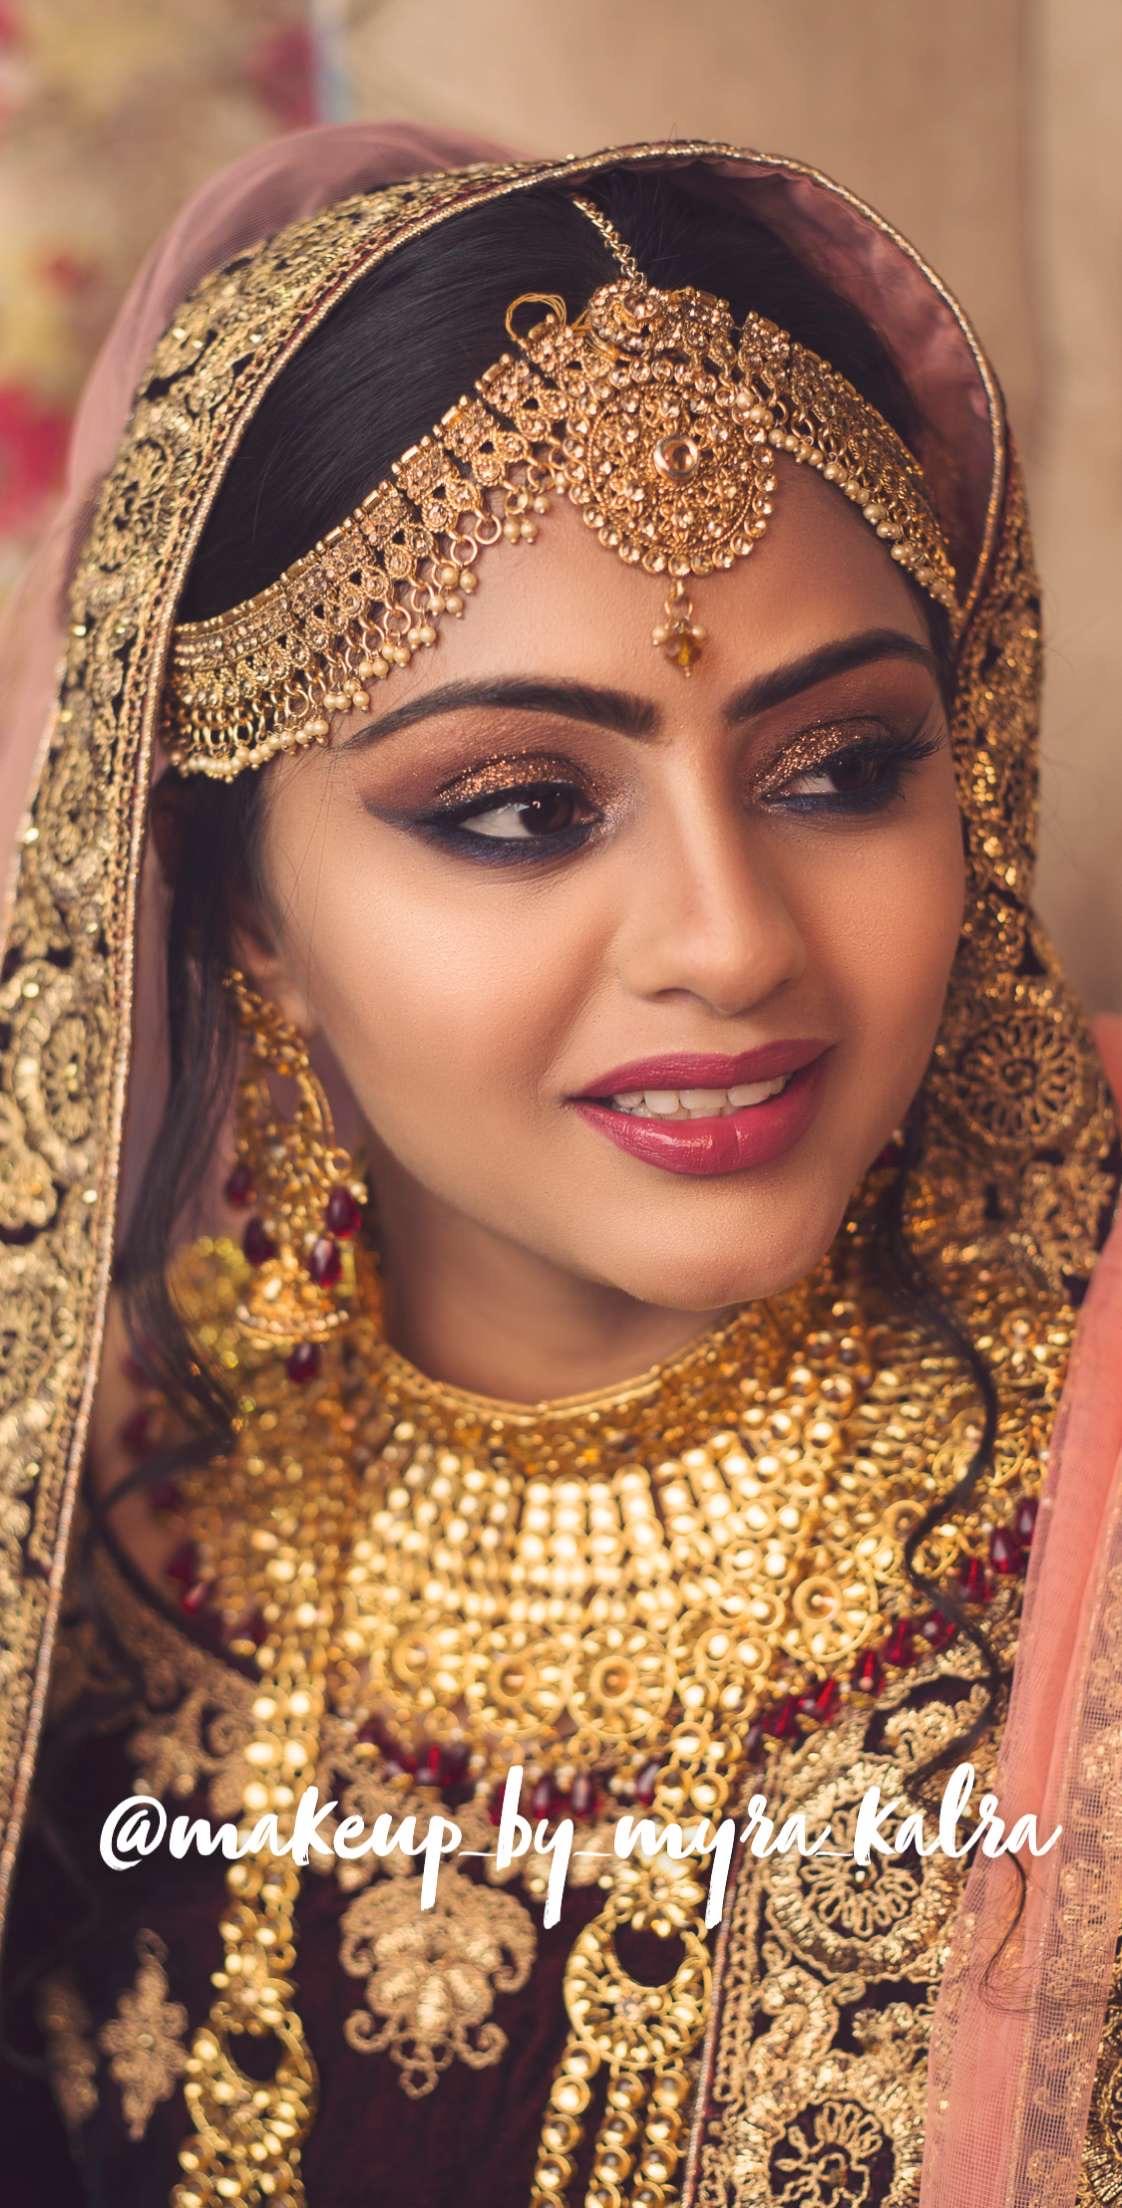 myra-kalra-makeup-artist-indore